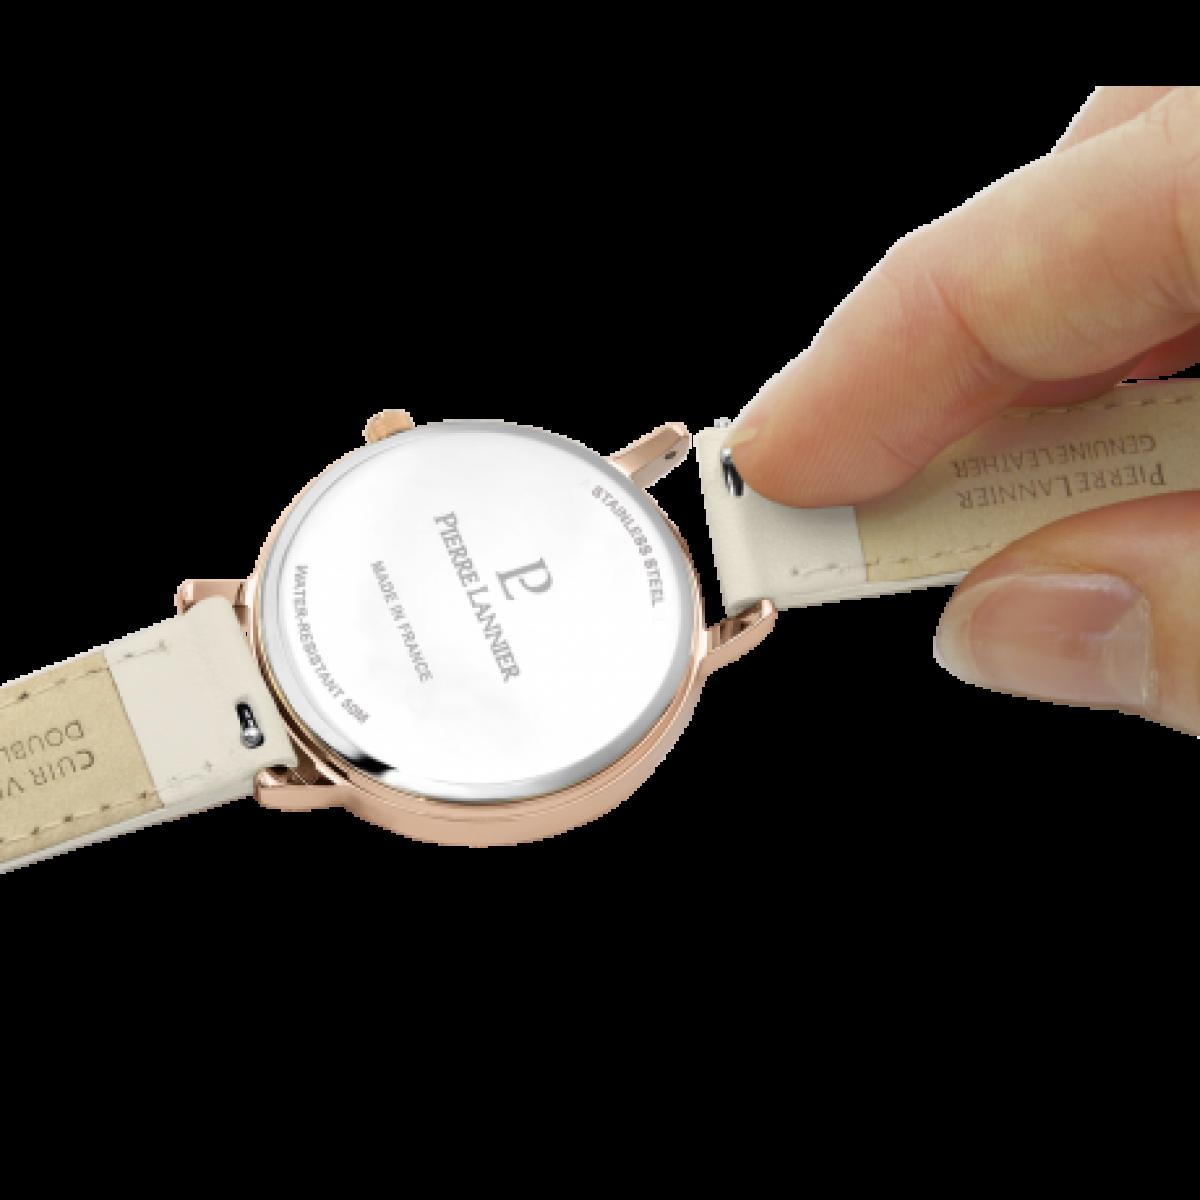 montre femme pierre lannier bracelet cuir